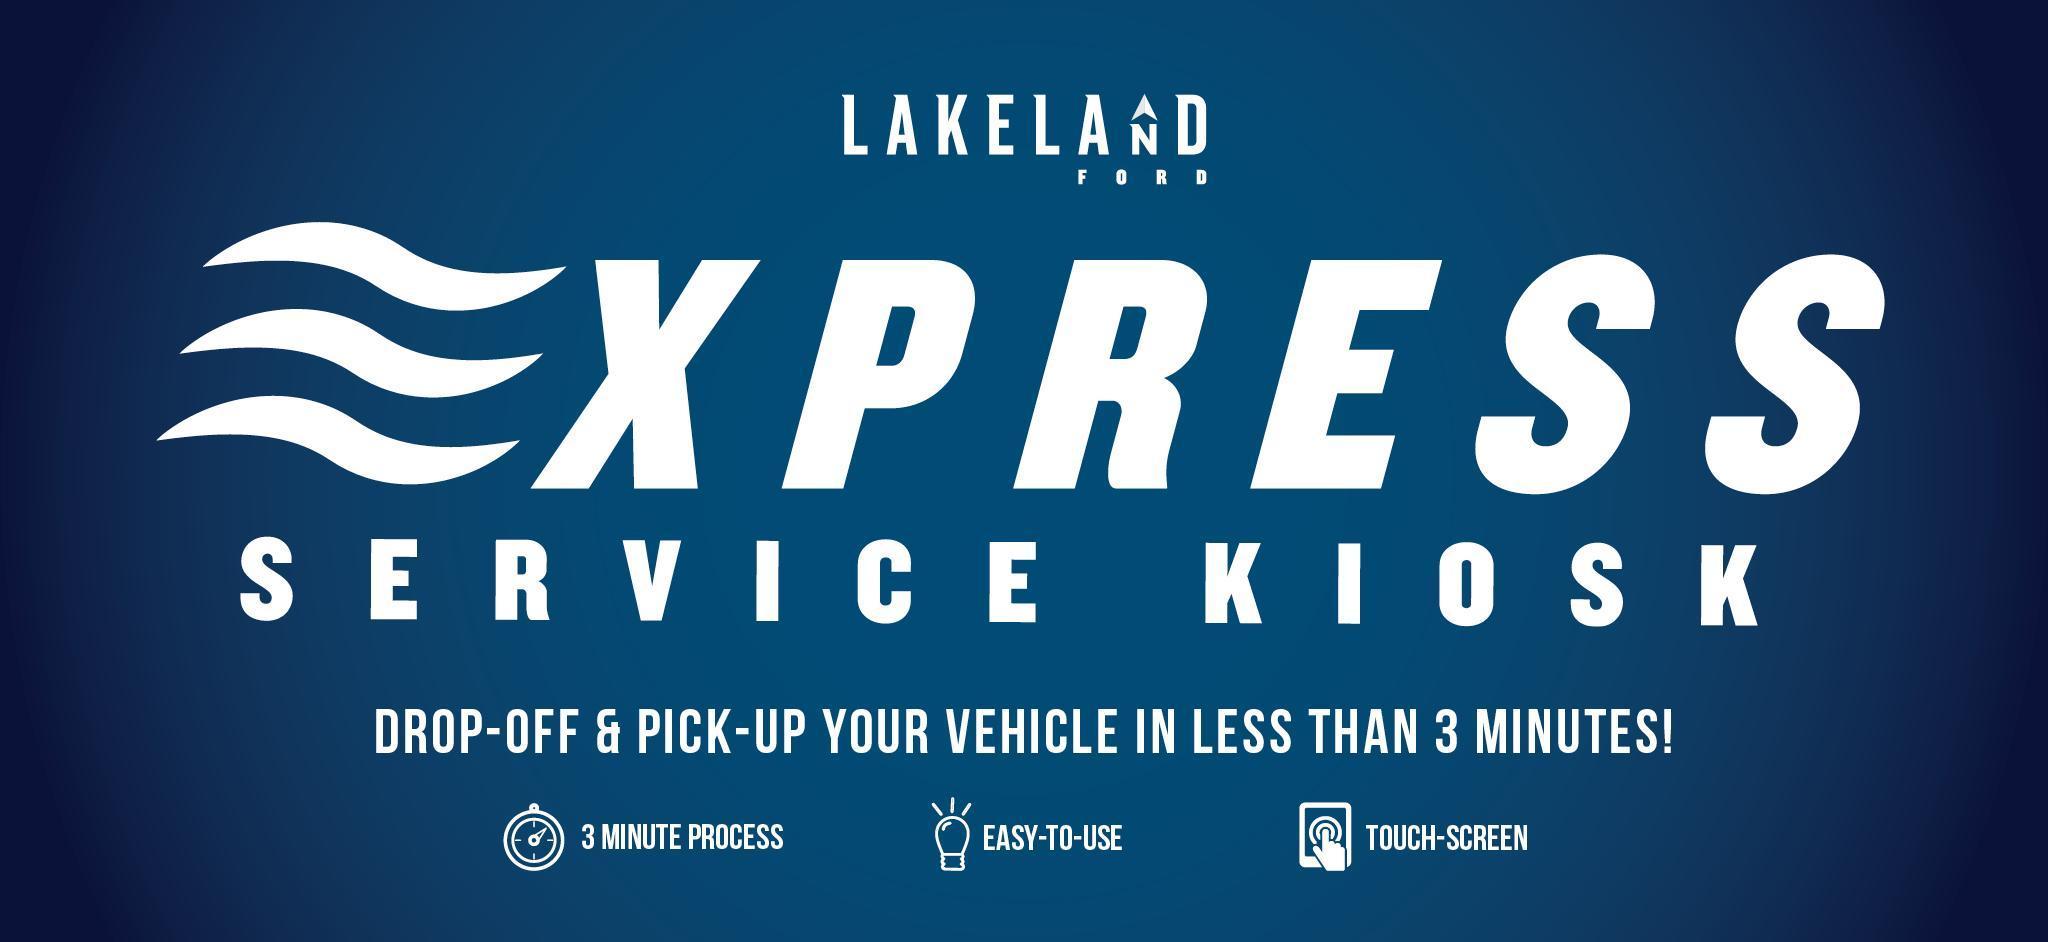 Express Service - Desktop